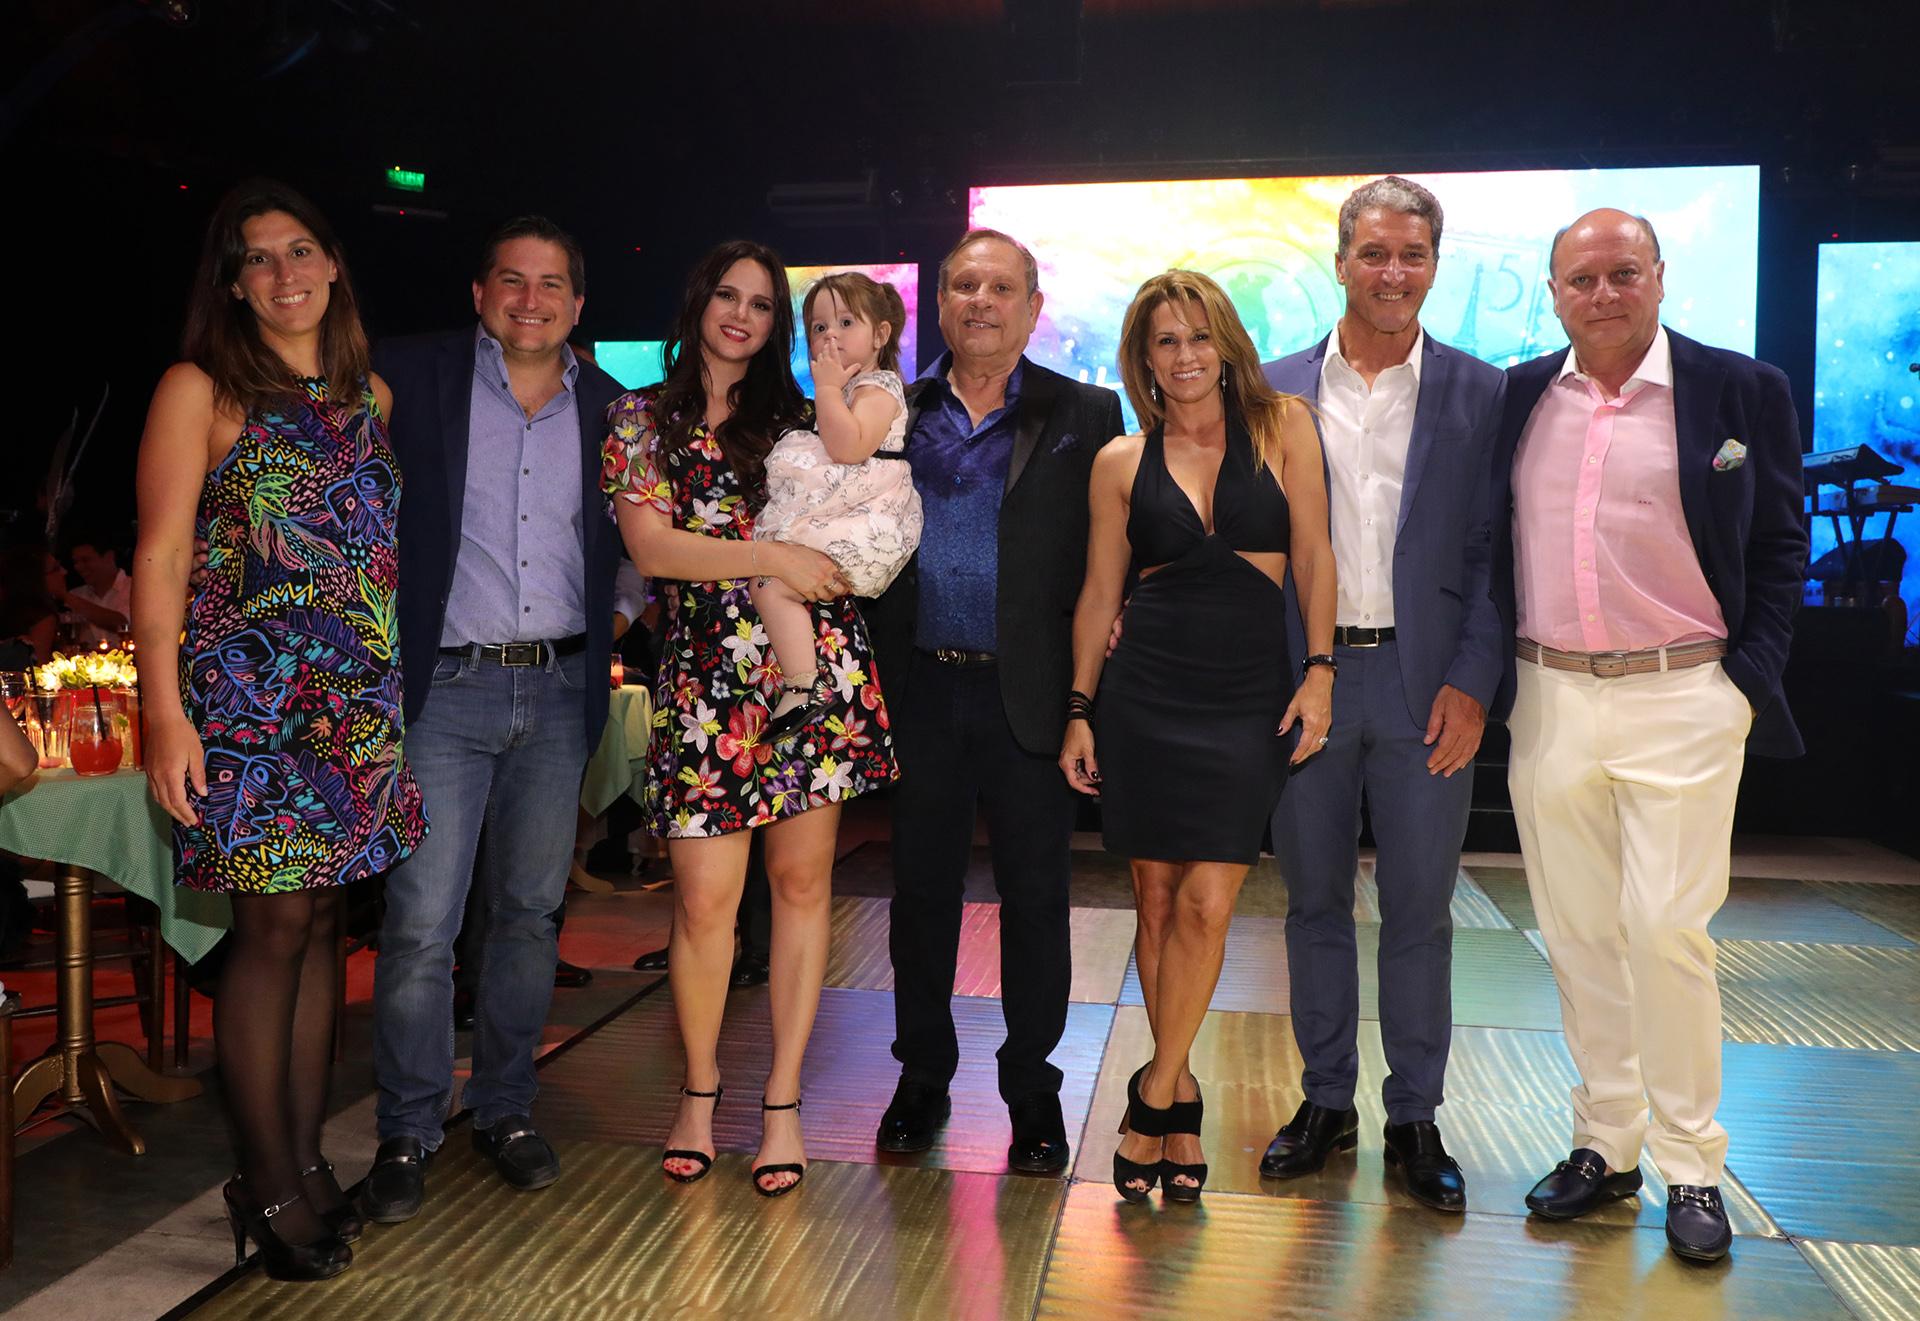 Natalí Márquez y Nestor Abatidaga junto a su hija Alma en compañía de Gastón Corral y Romina Sasso, José Scioli y Erica Blau, y Martín Cabrales